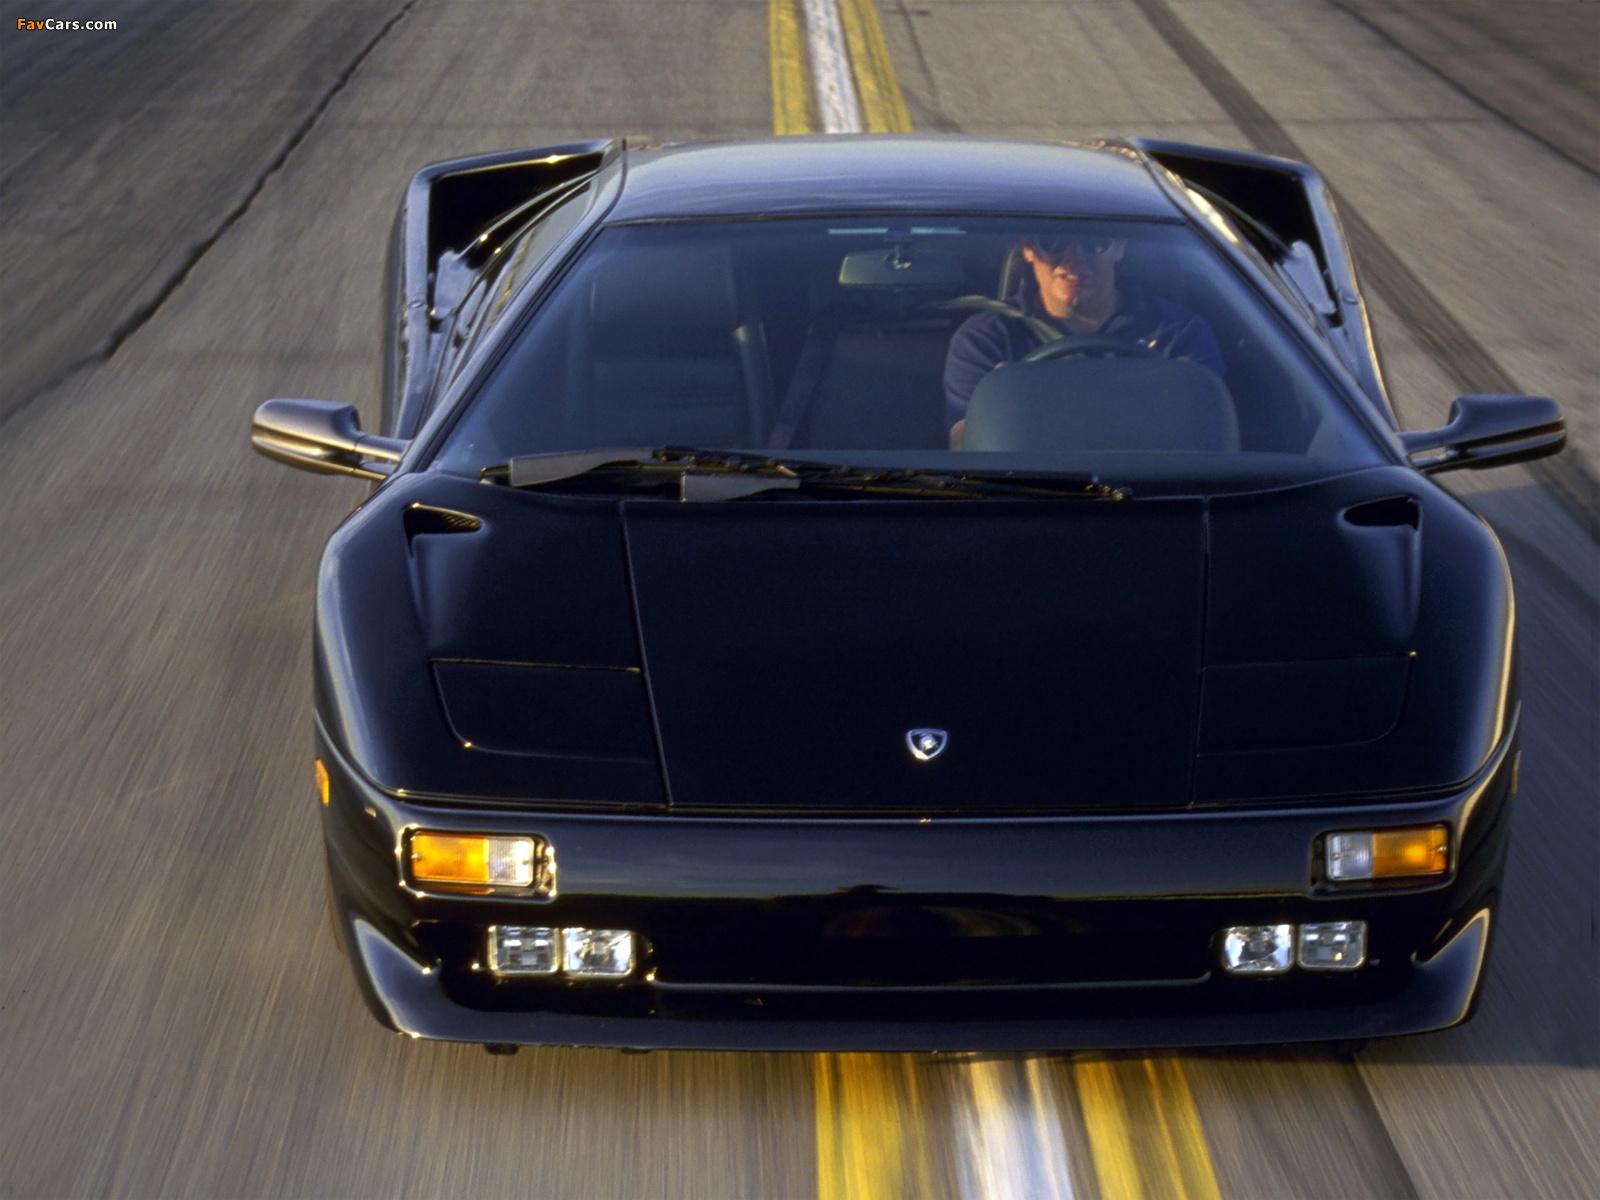 Lamborghini Diablo 1990 >> Images Of Lamborghini Diablo 1990 94